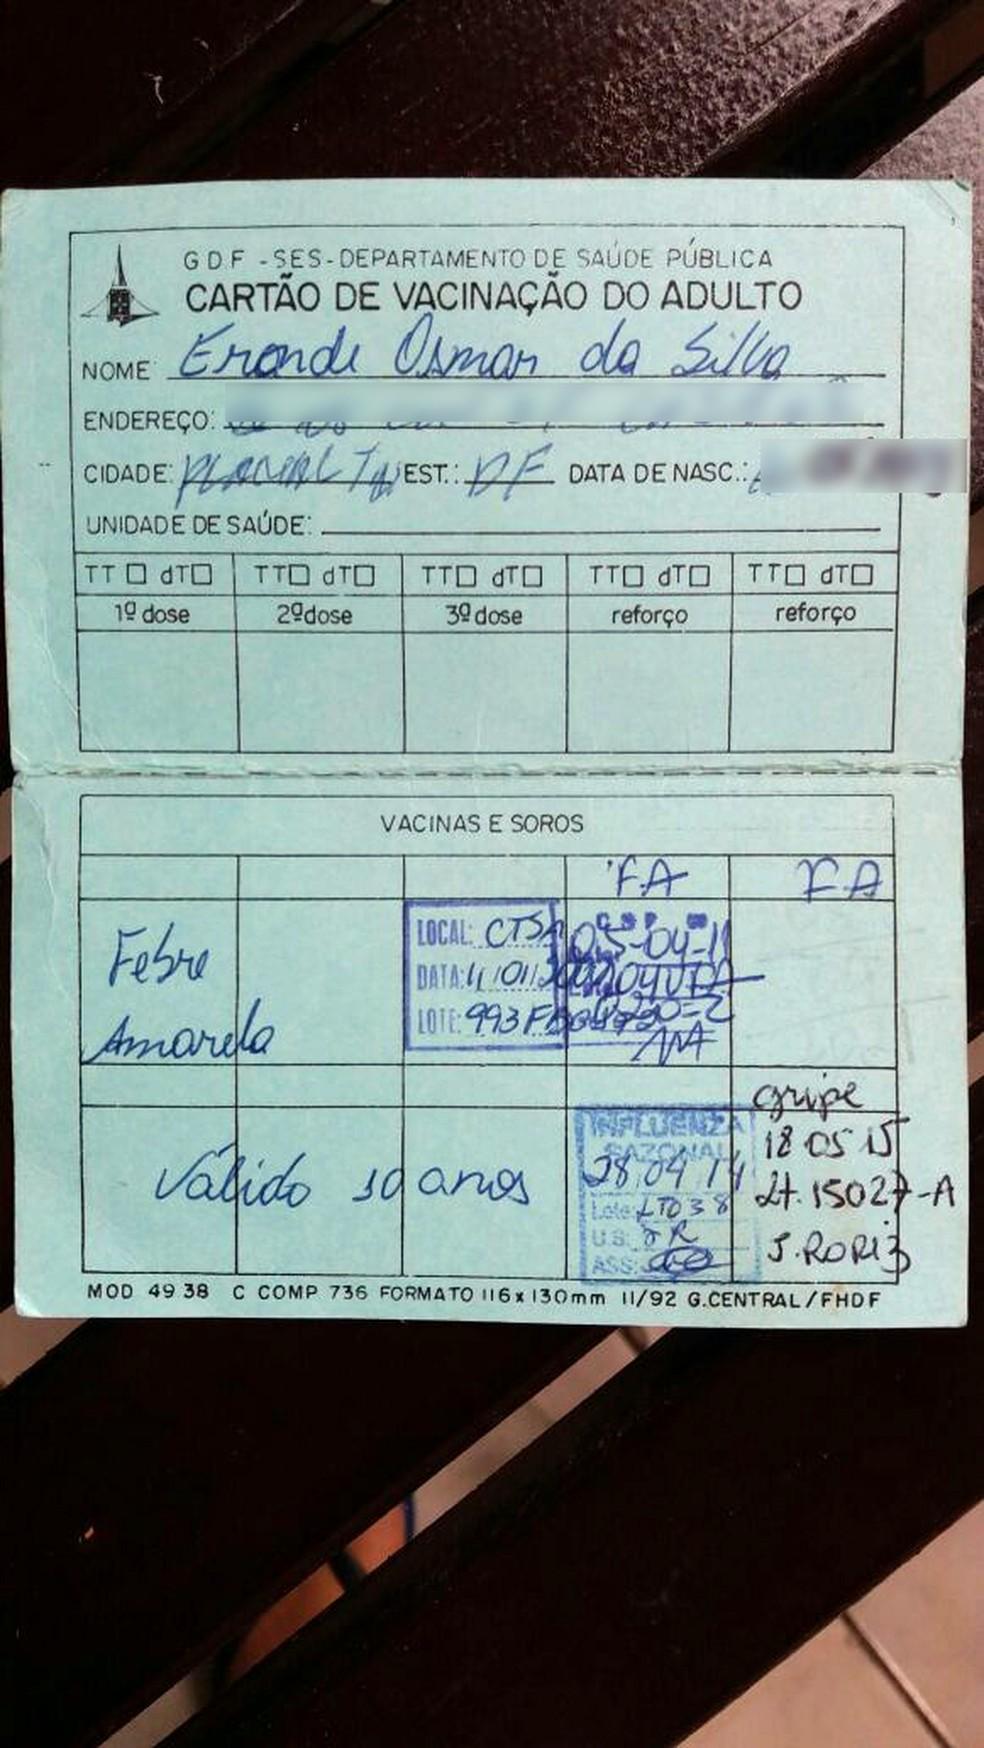 Cartão de vacinação de Eronde Silva mostra imunização contra febre amarela; ele morreu em janeiro de 2018. Eronde tomou duas doses da vacina (Foto: Arquivo Pessoal)